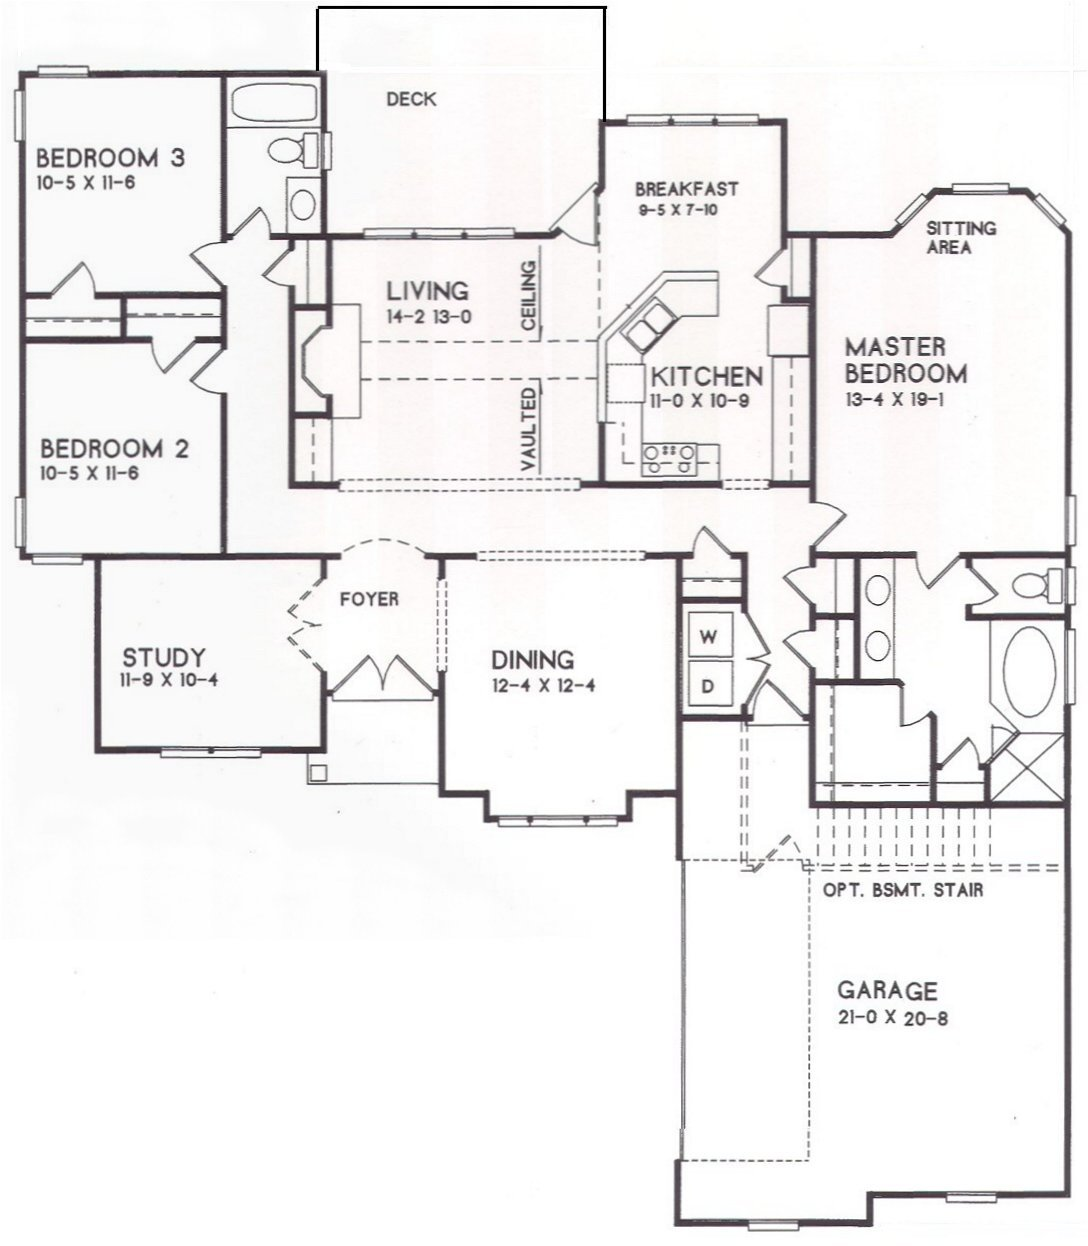 17-15 floor plan